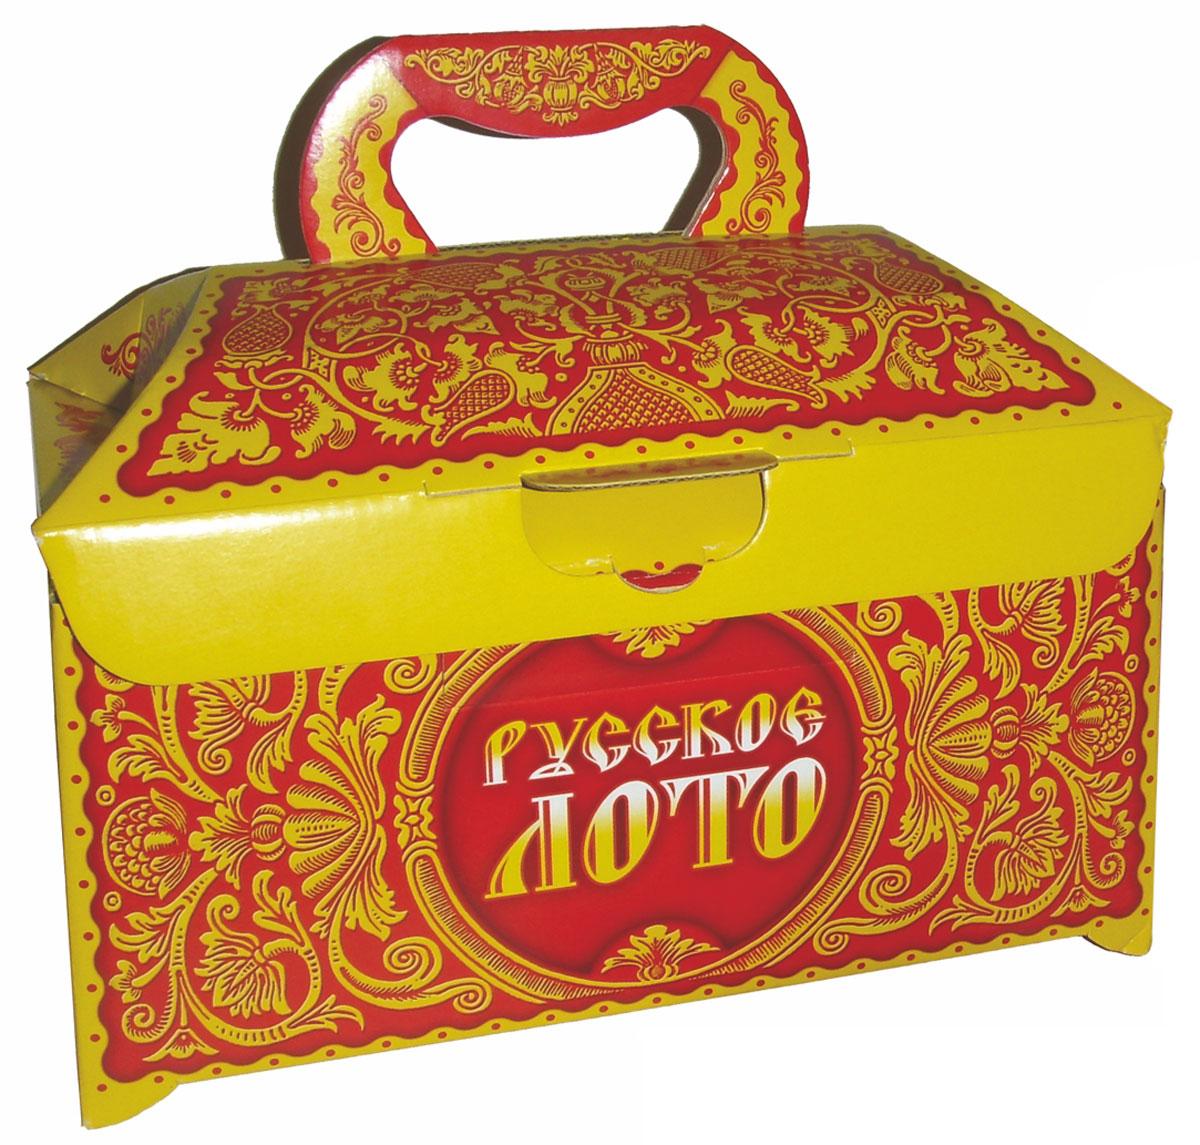 Дрофа-Медиа Настольная игра Русское Лото1969Русское лото - это старинная русская игра, правила которой предельно просты и всем известны. Традиционная российская игра, о существовании которой знает каждый. Суть игры состоит в том, чтобы первым закрыть определенное количество цифр на своей карточке. Благодаря простым правилам и увлекательности, игра Русское Лото завоевала огромную популярность и встала в один ряд с такими развлечениями для большой веселой компании, как домино и карты. Лото способствует развитию наглядно-образного мышления, познавательной активности, памяти и внимания, коммуникабельности. Набор поставляется в ярком прочном картонном ларце.